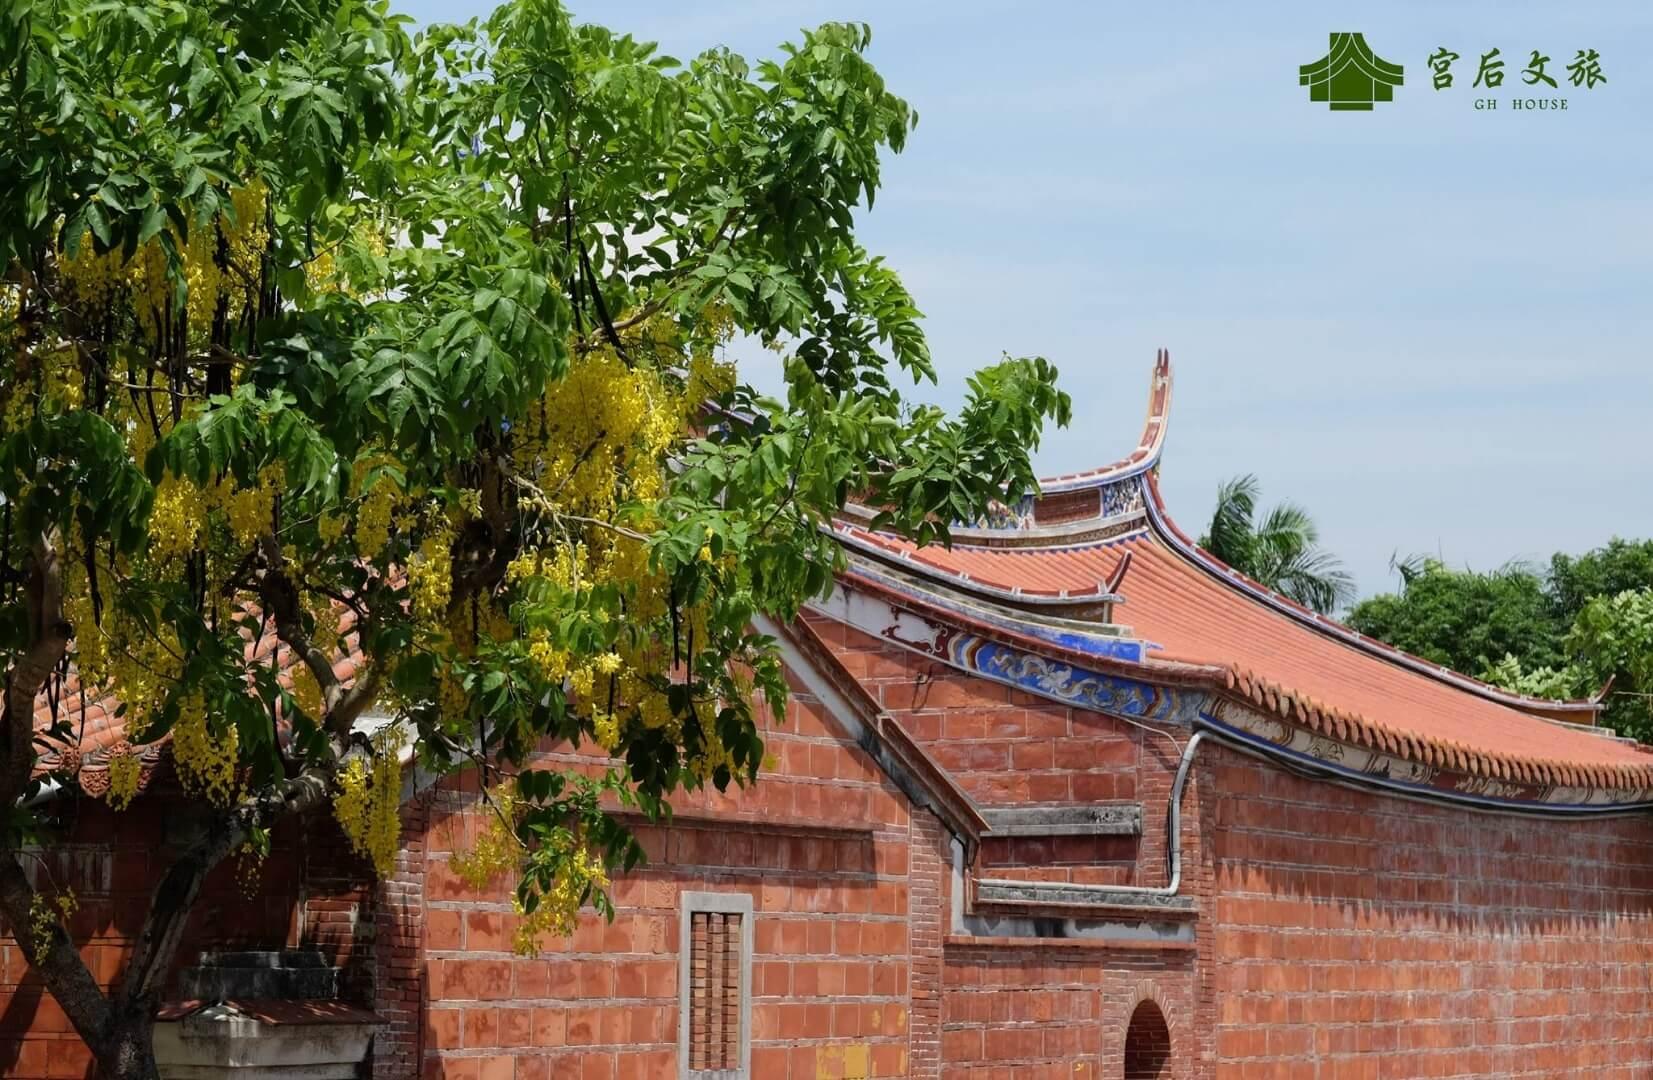 相片來源:彰化鹿港‧宮后文旅